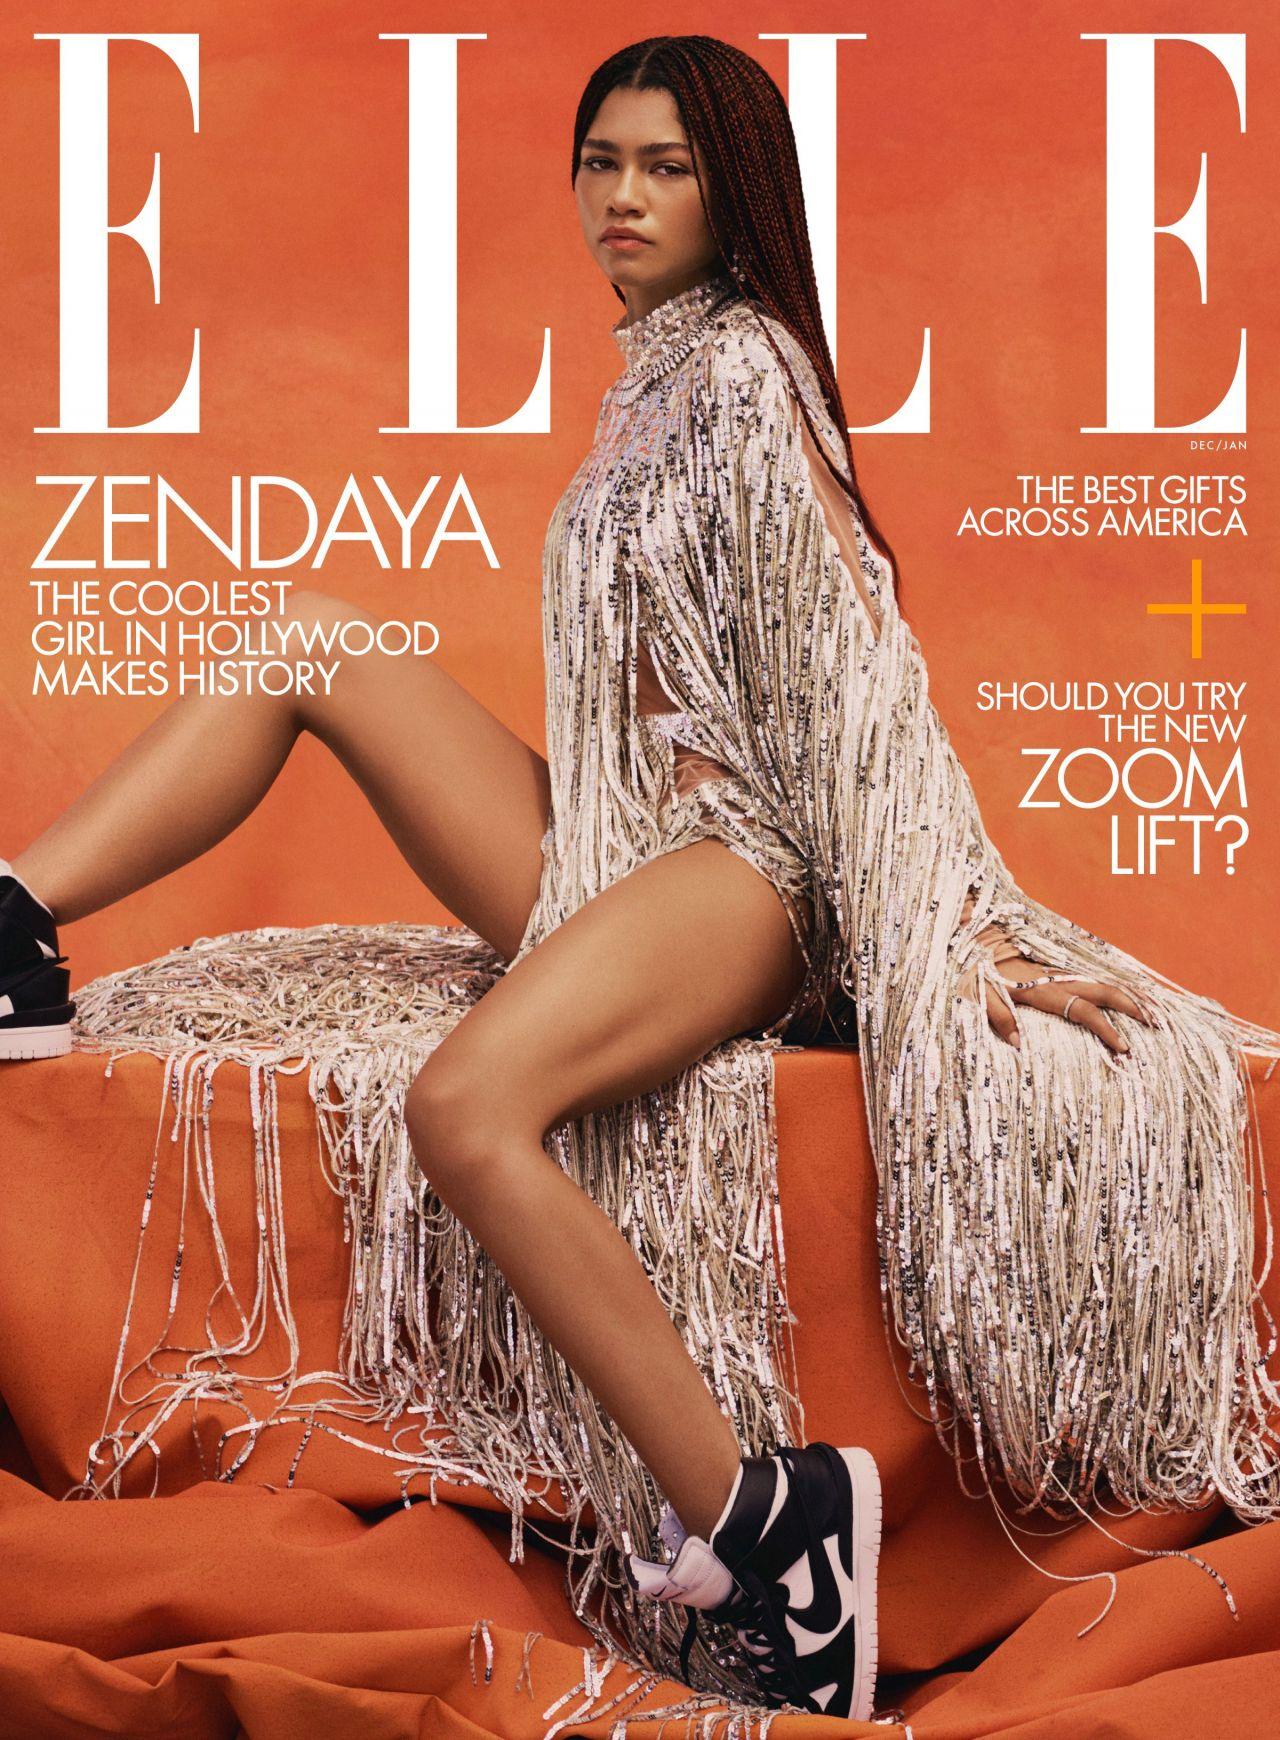 zendaya-coleman-covers-elle-magazine-december-2020